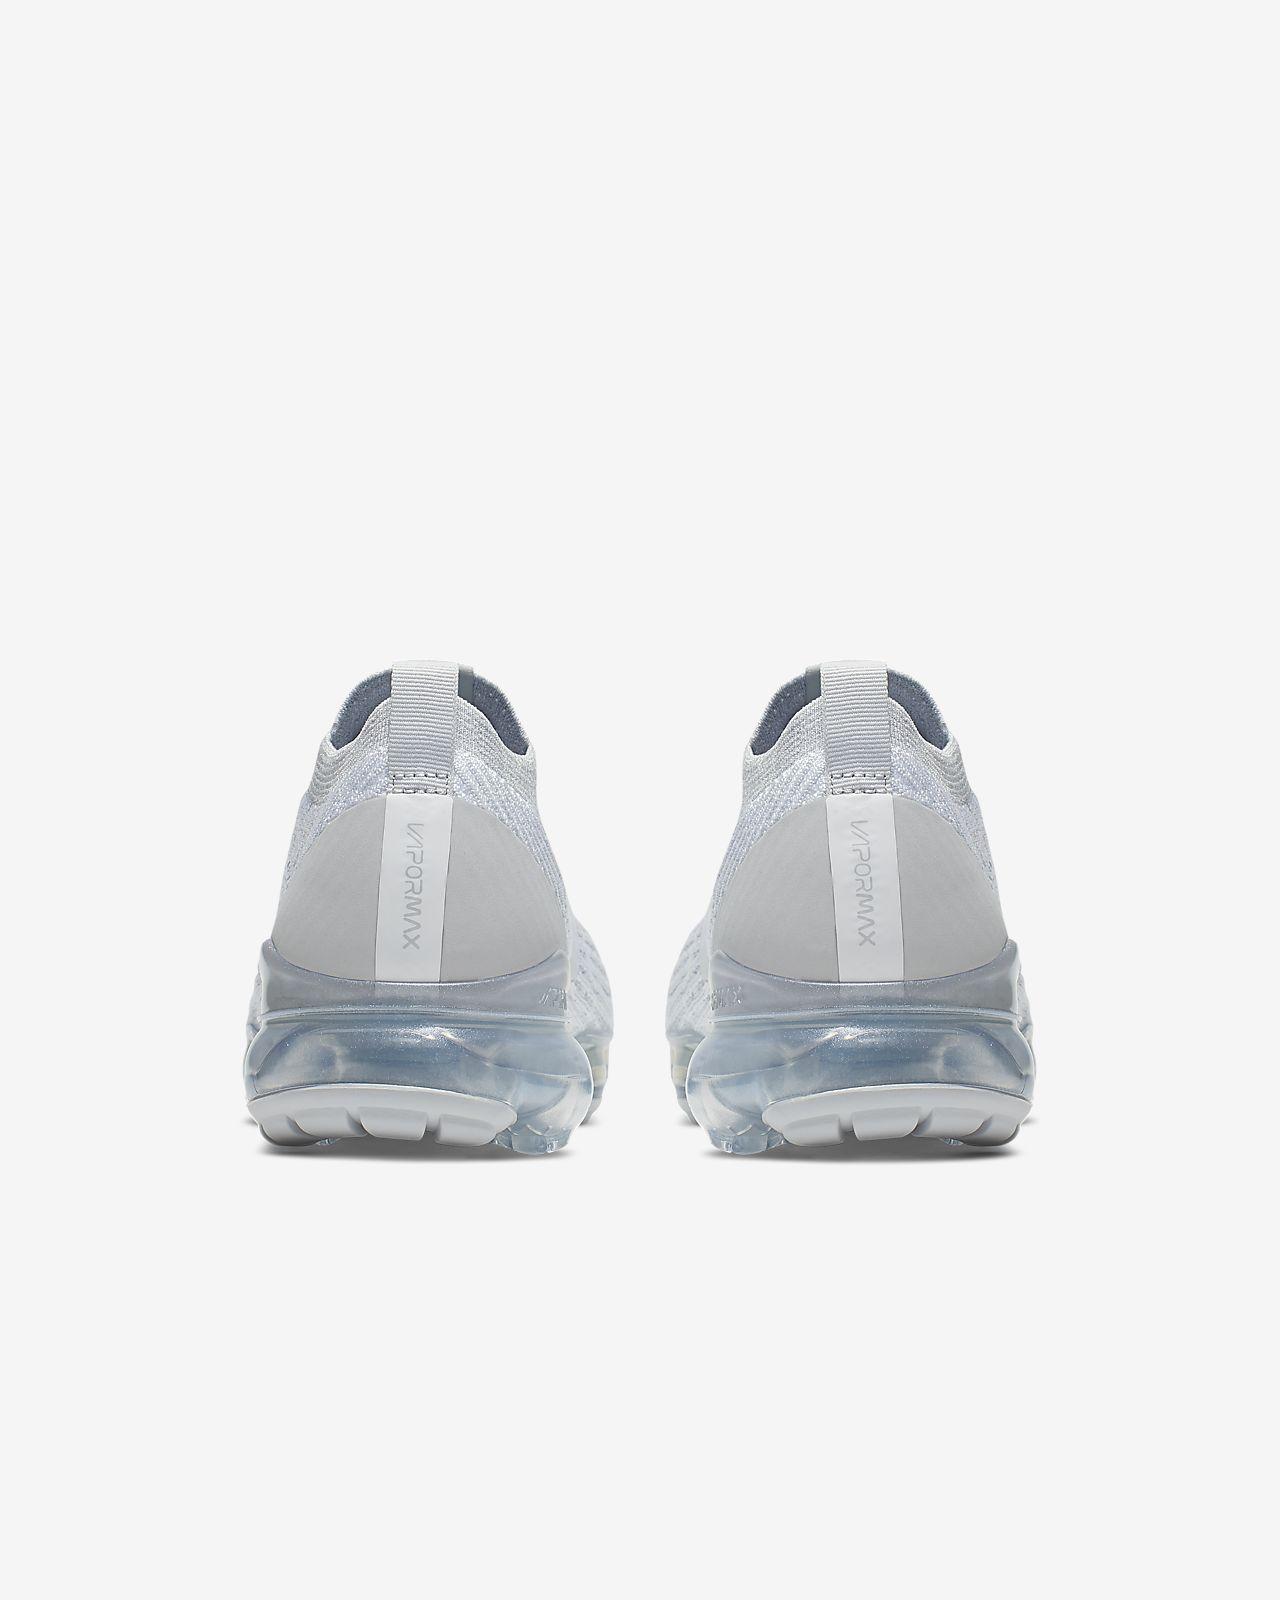 Nike Air Max Thea Drucken Damen Schuh Weiß Pure Platinum